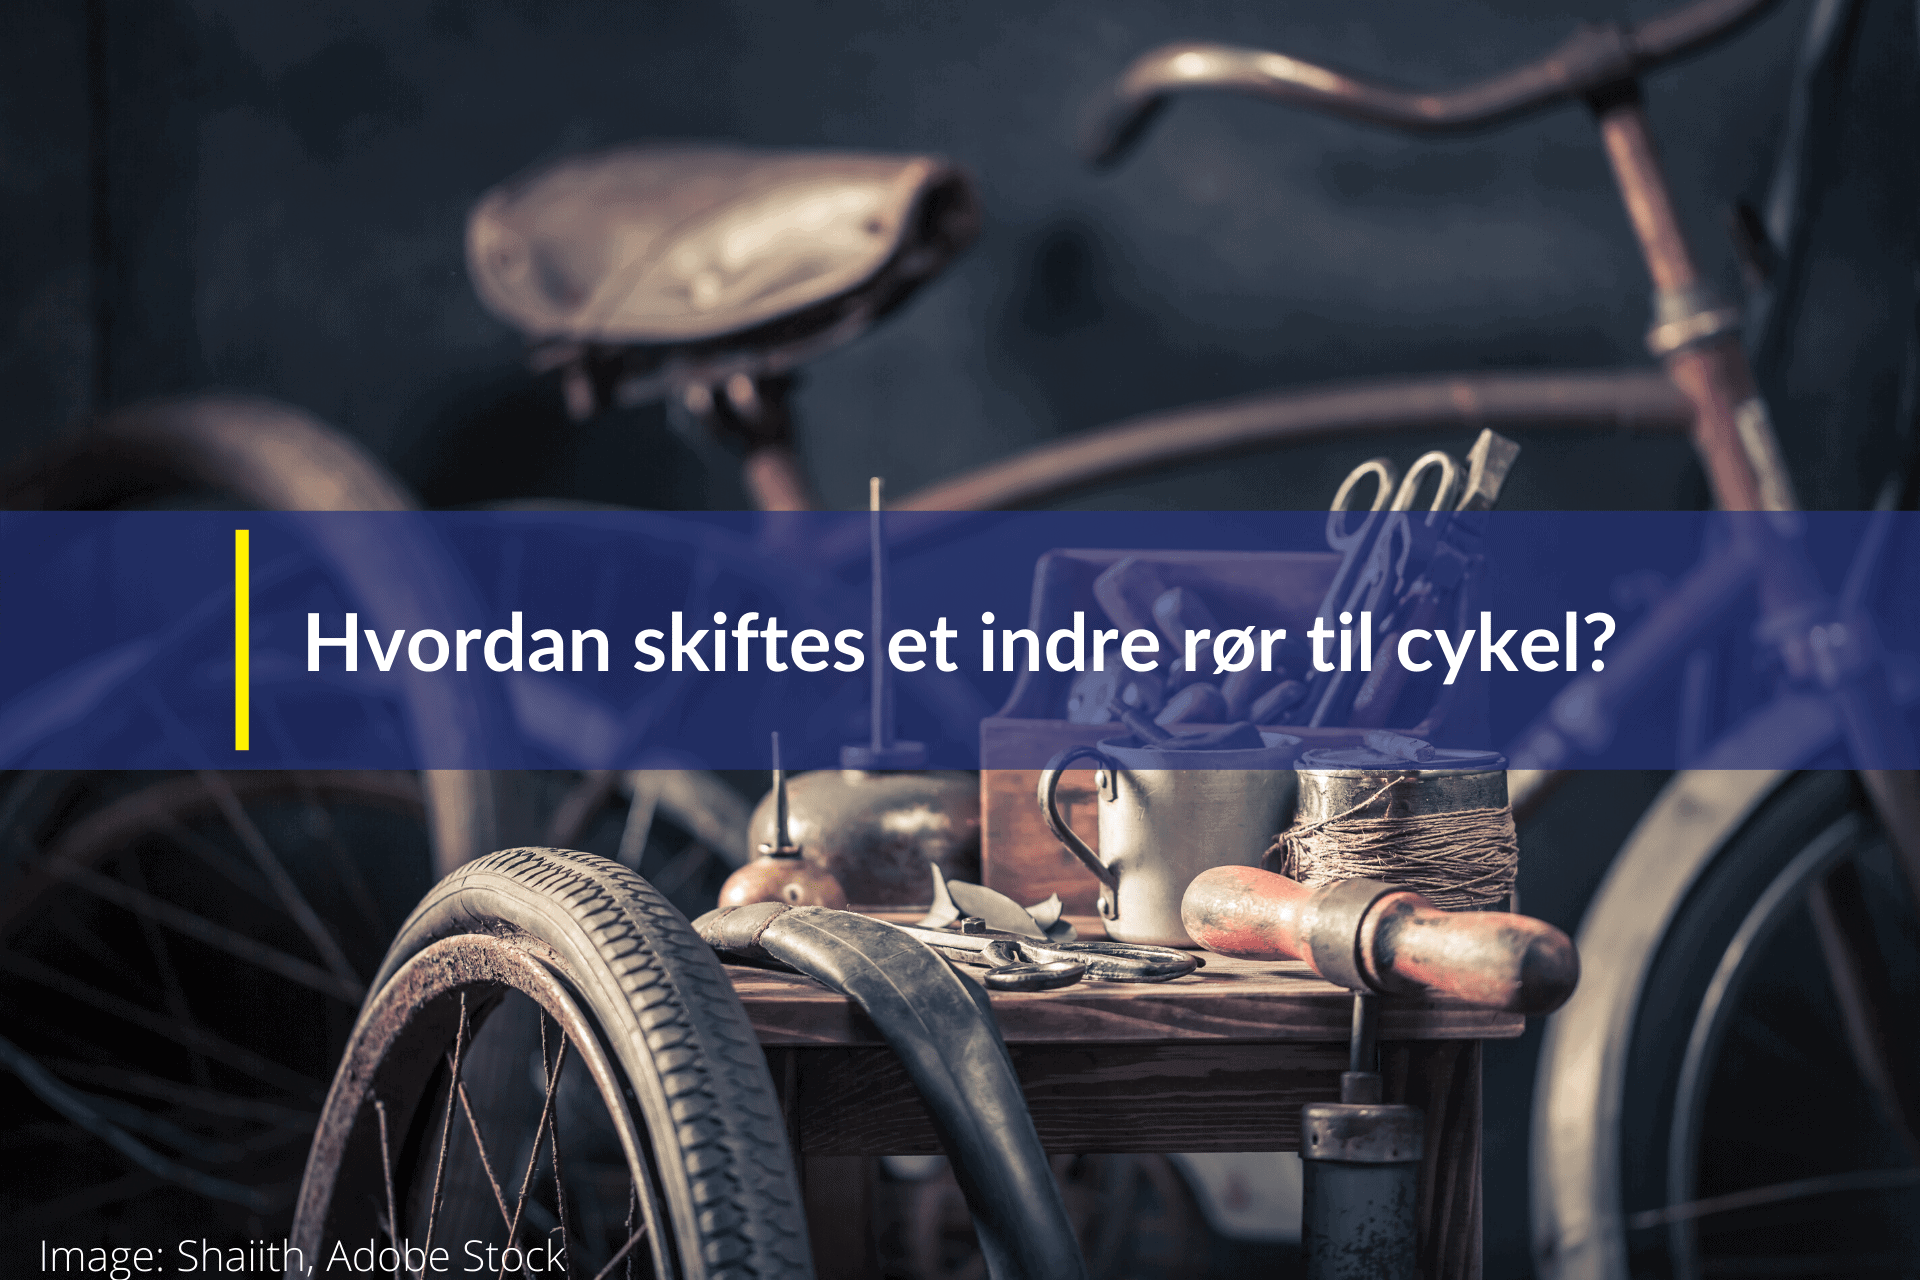 hvordan skiftes et indre rør til cykel (1)